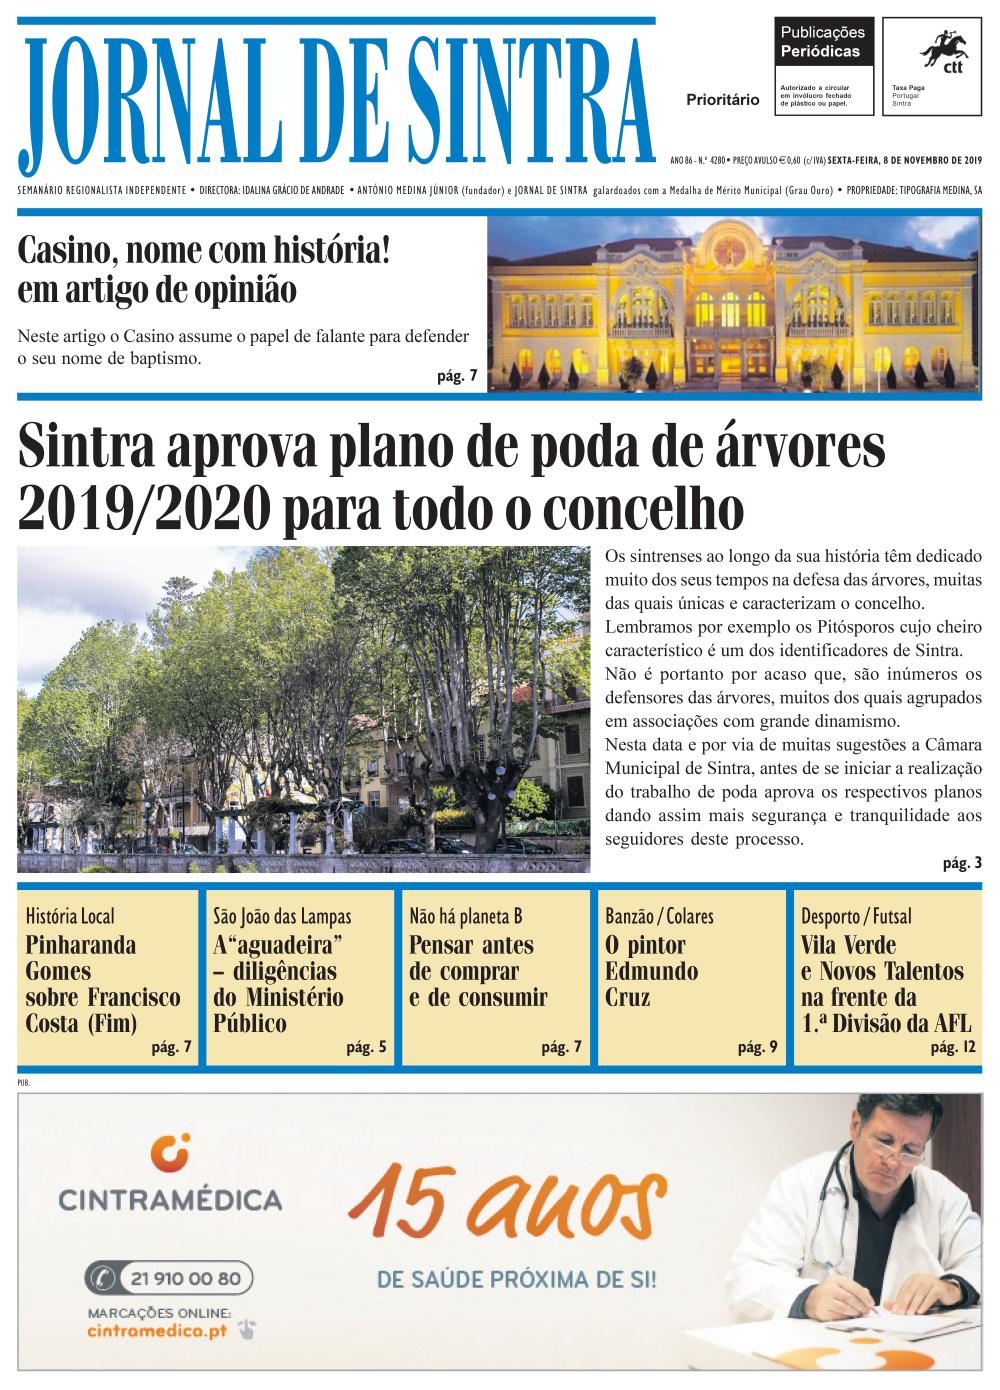 Capa da edição de 08/11/2019